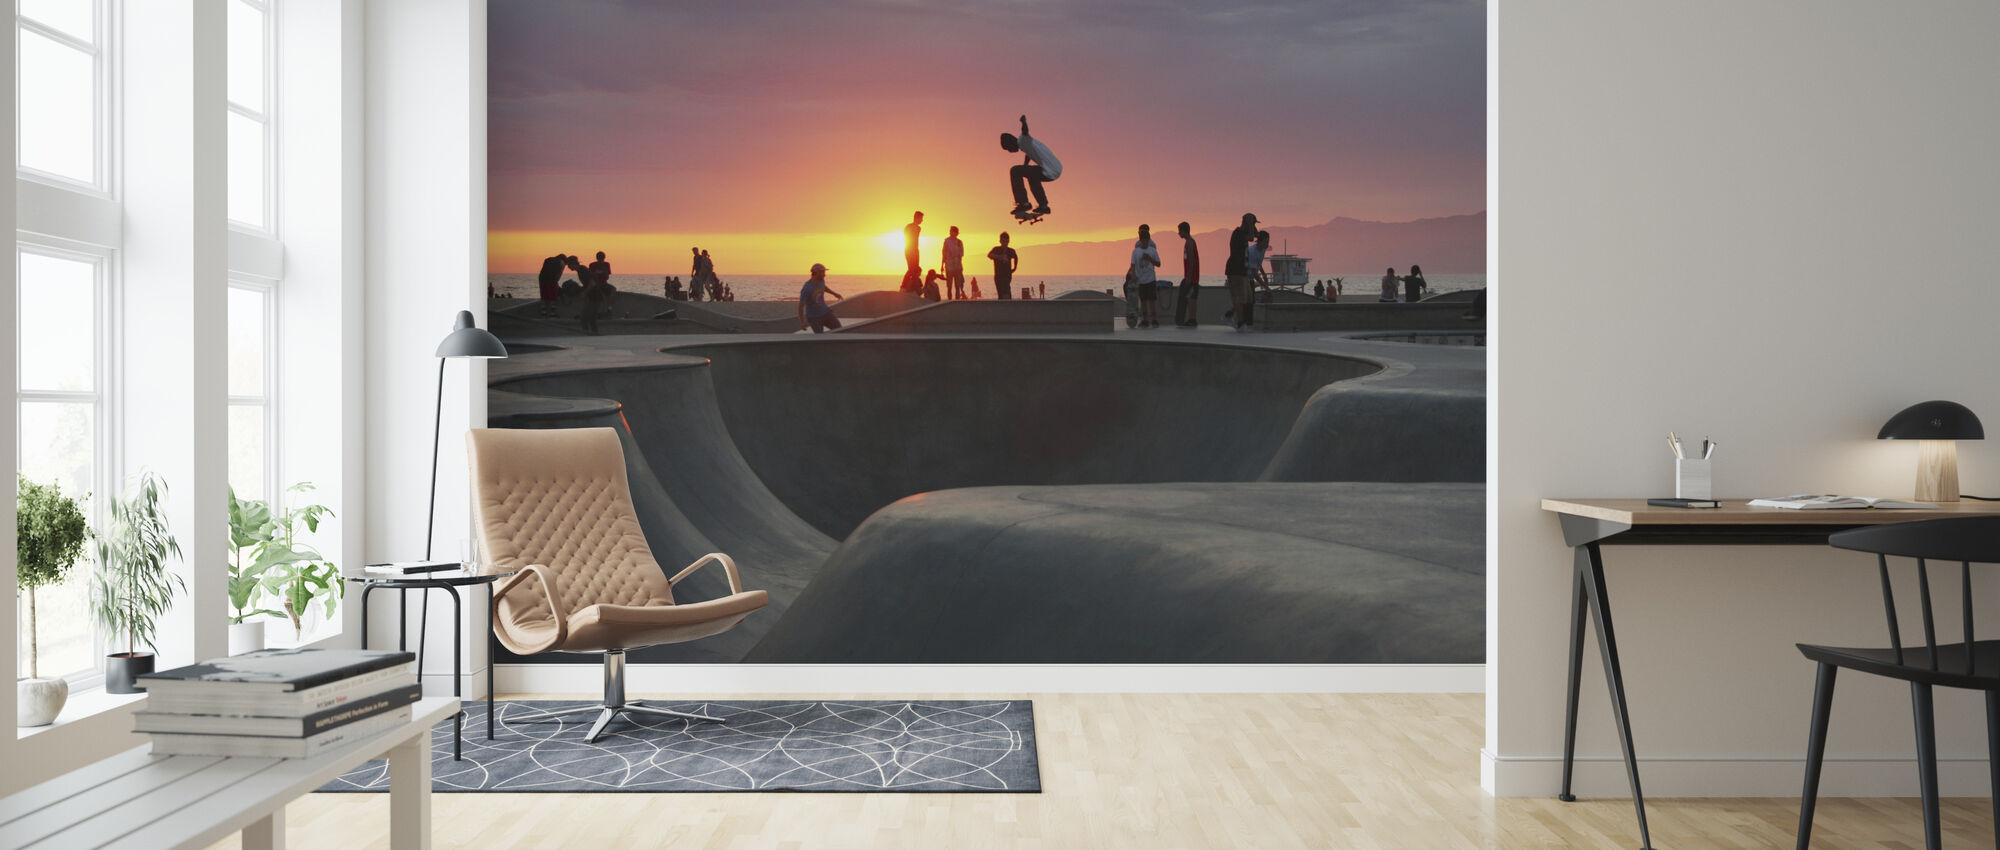 Skateboarding at the Beach - Wallpaper - Living Room